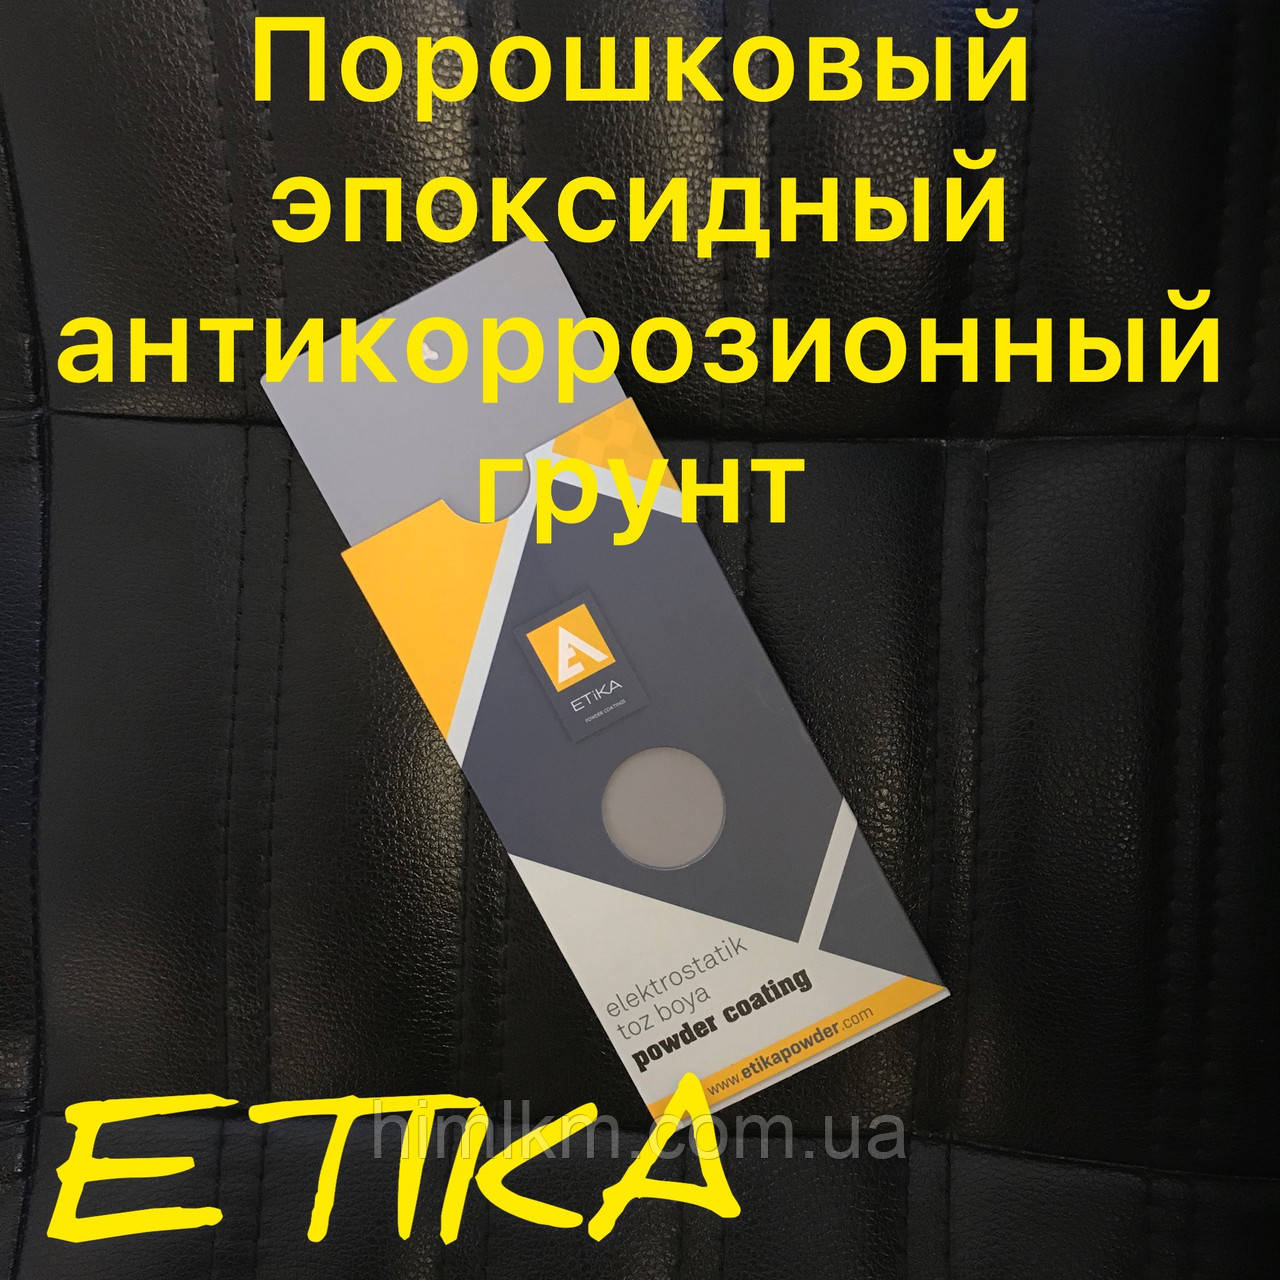 Порошковий епоксидний антикорозійний грунт Etika RAL 7004 Етика Туреччина